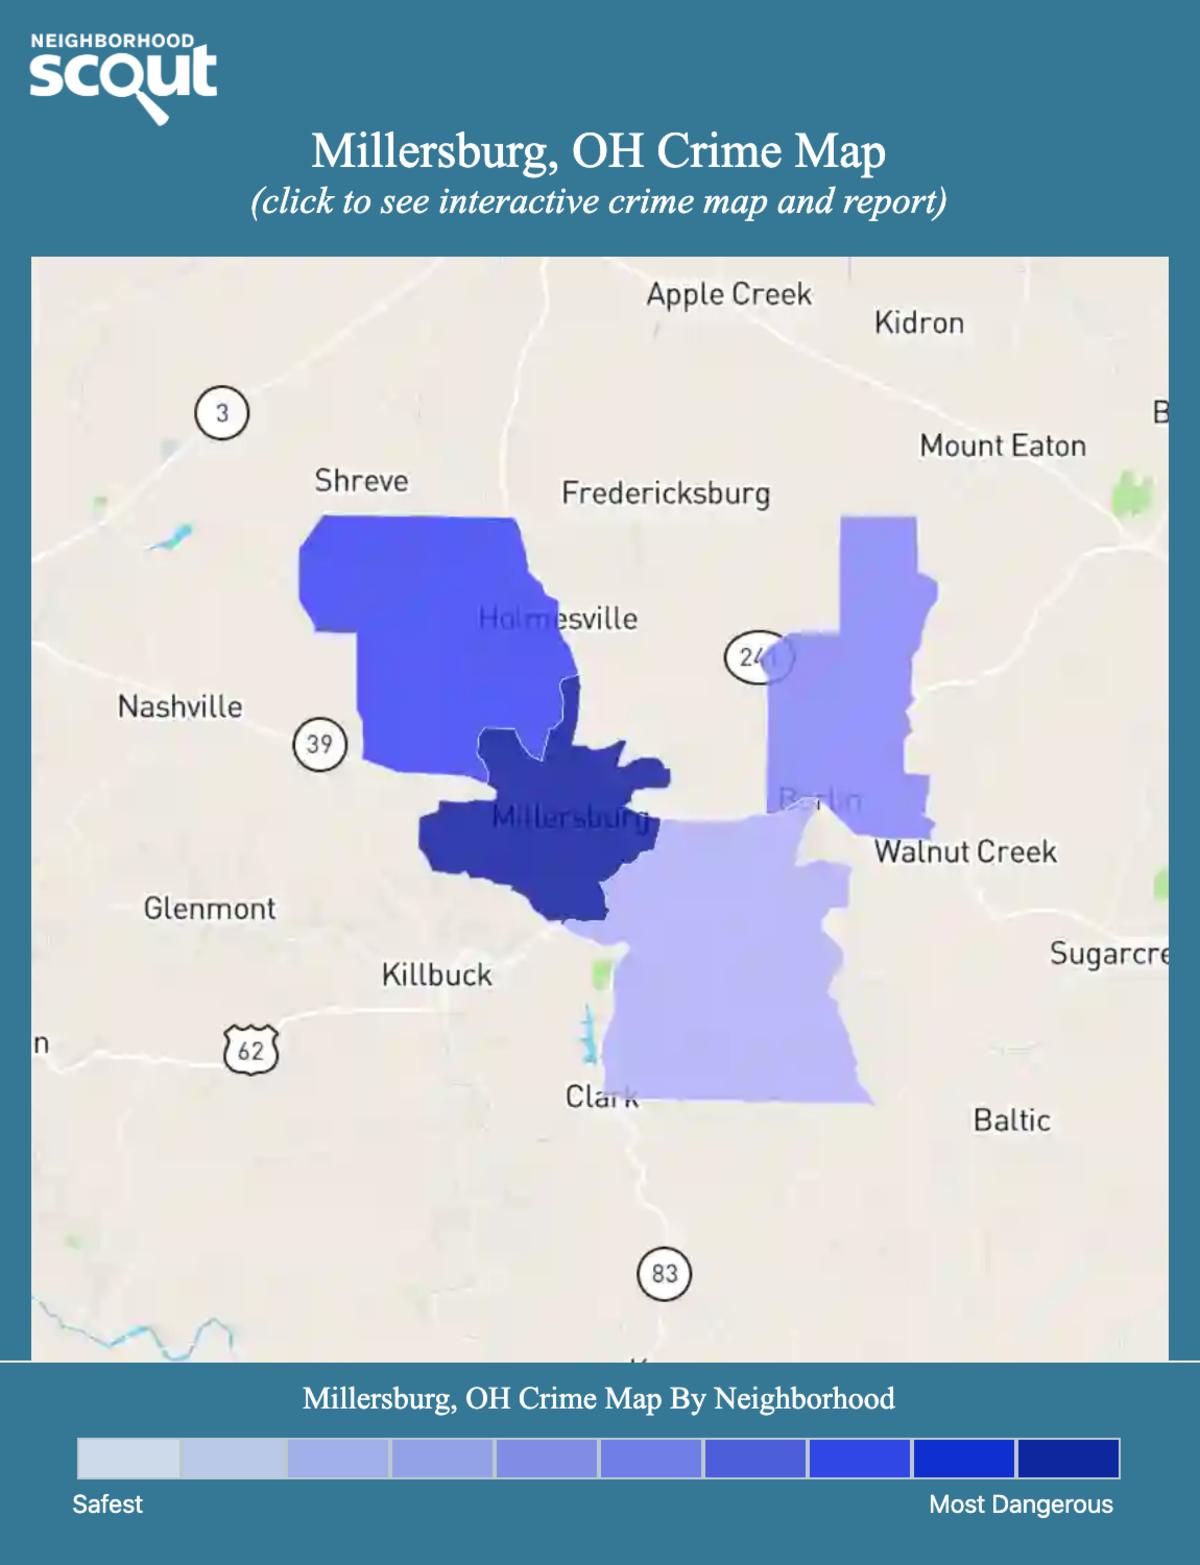 Millersburg, Ohio crime map